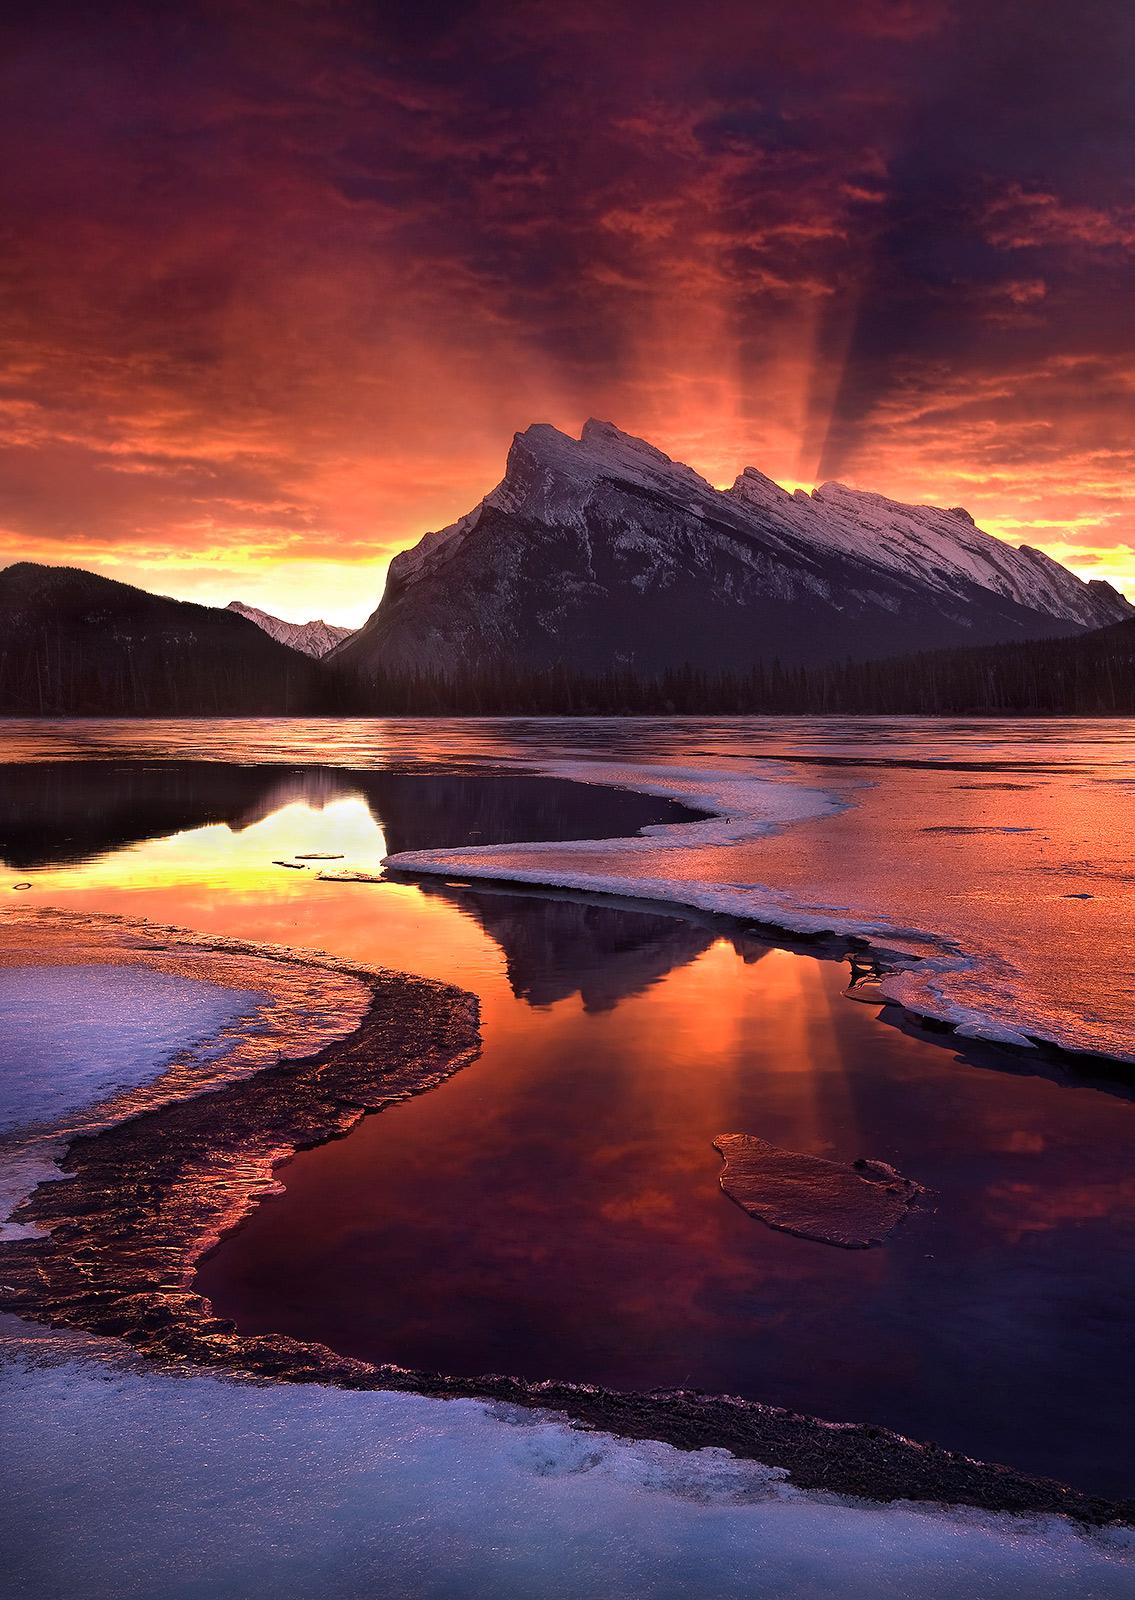 amazing, sunrise, banff, canadian rockies, nature, intense, photo